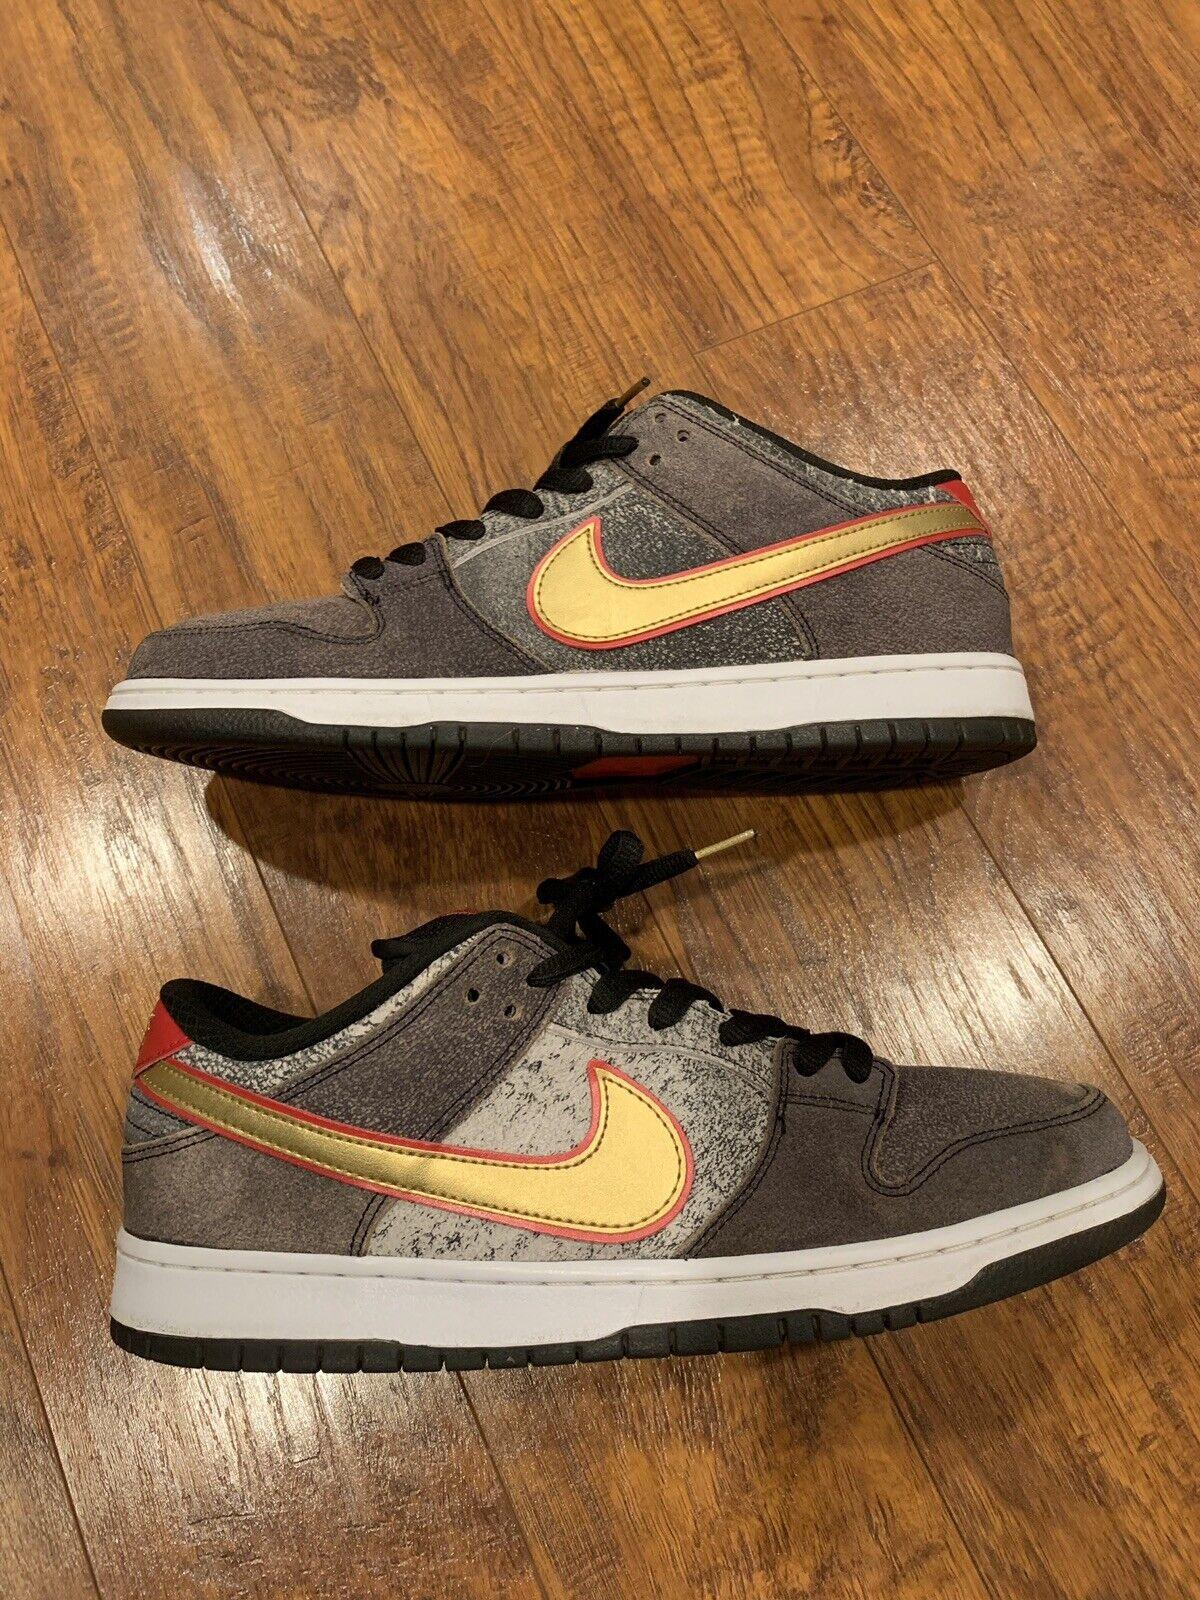 Nike SB Dunk Low Premium QS Beijing Black Metallic gold Red (504750-077)